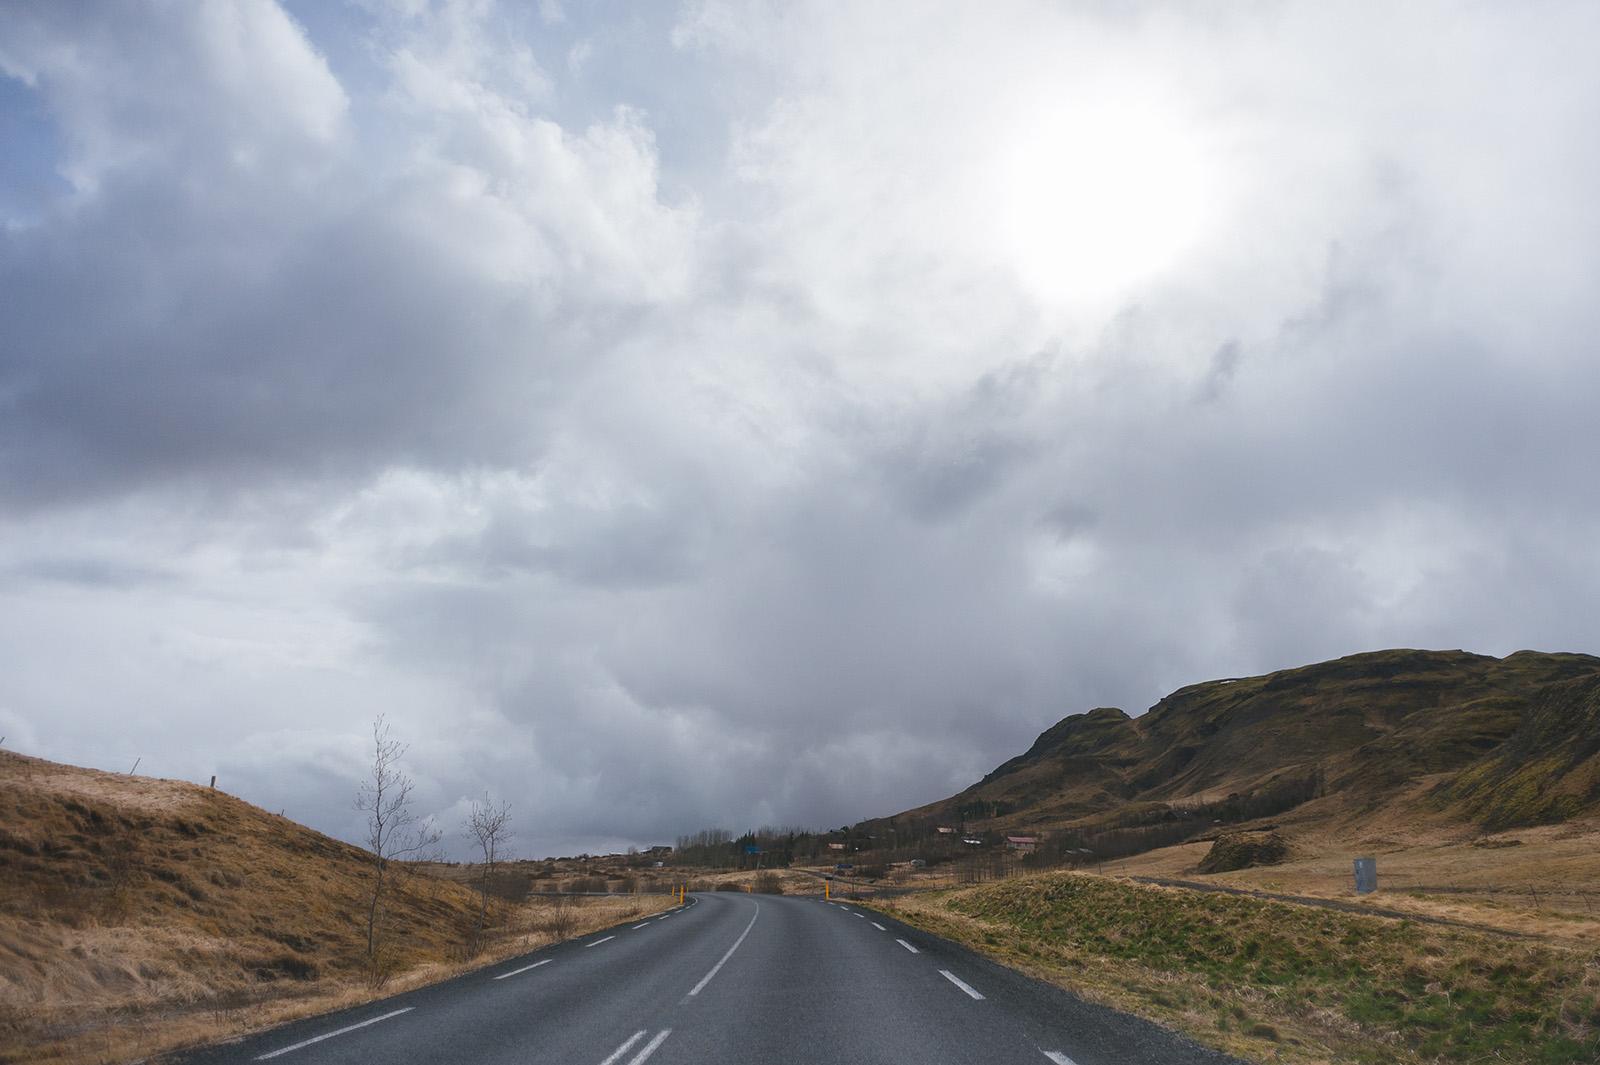 Дороги в Исландии прекрасны, как и всё вокруг.